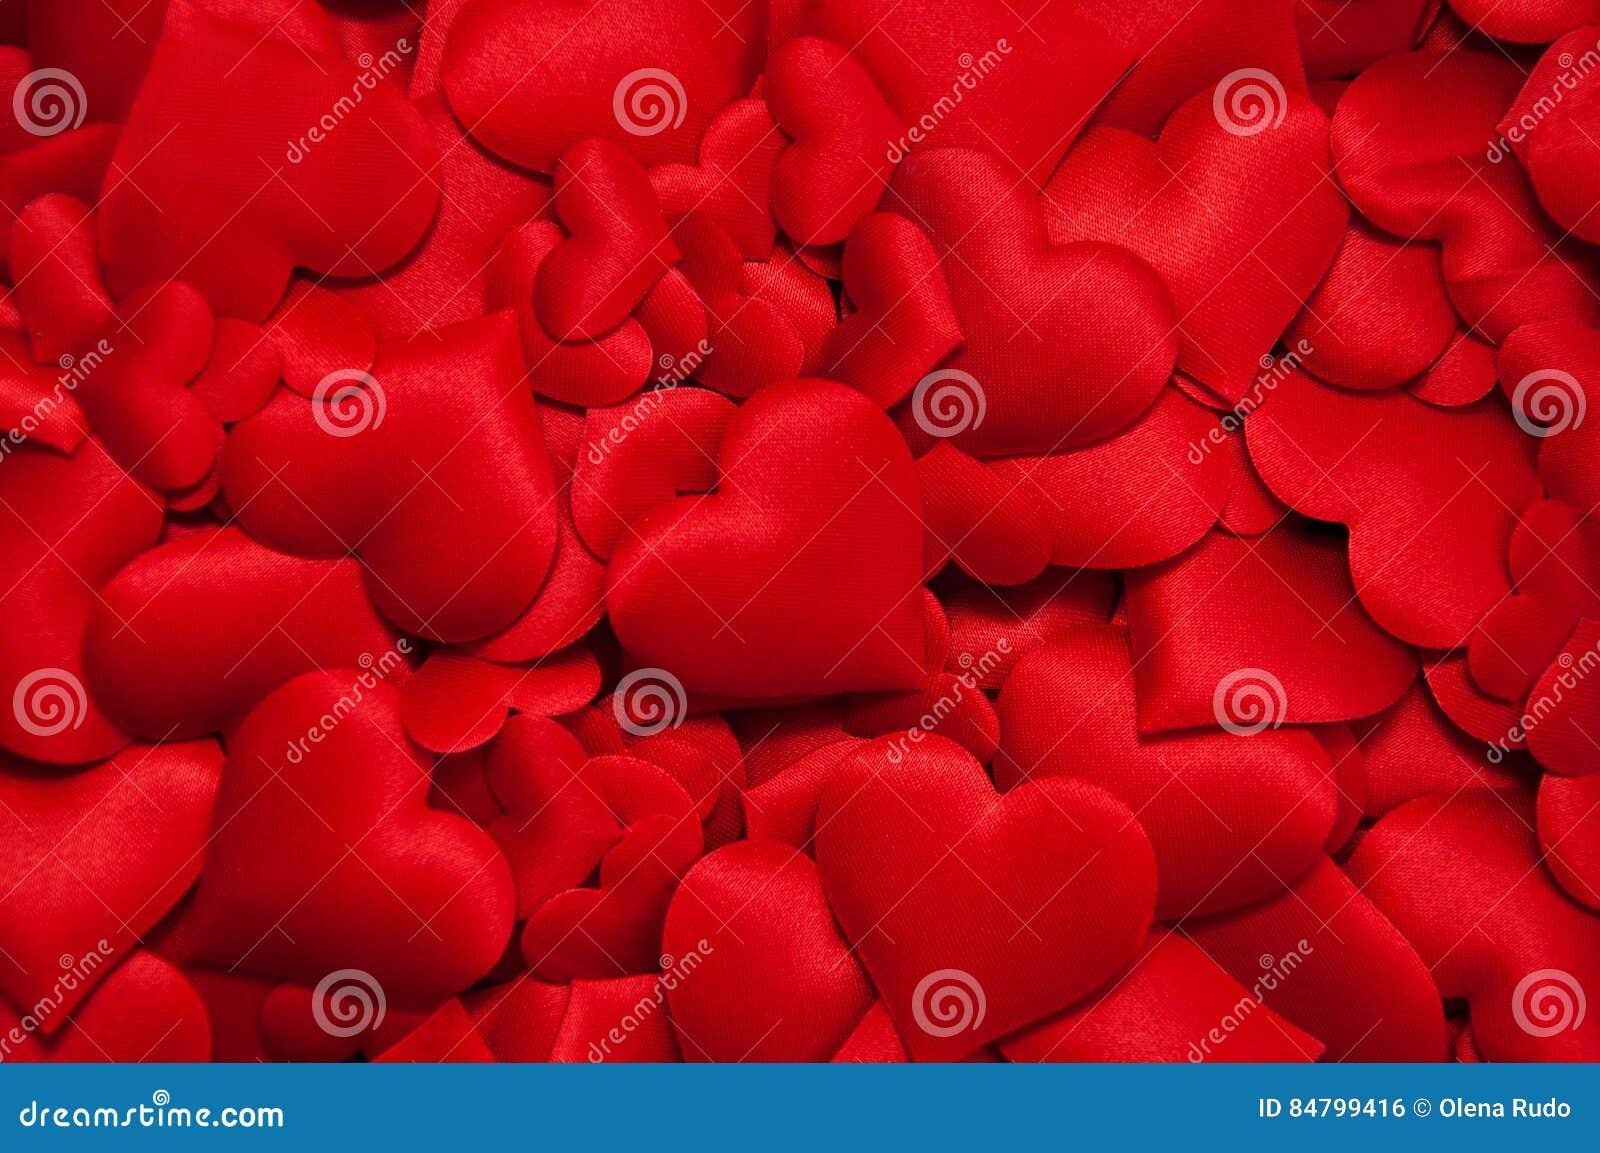 Molti cuori rossi